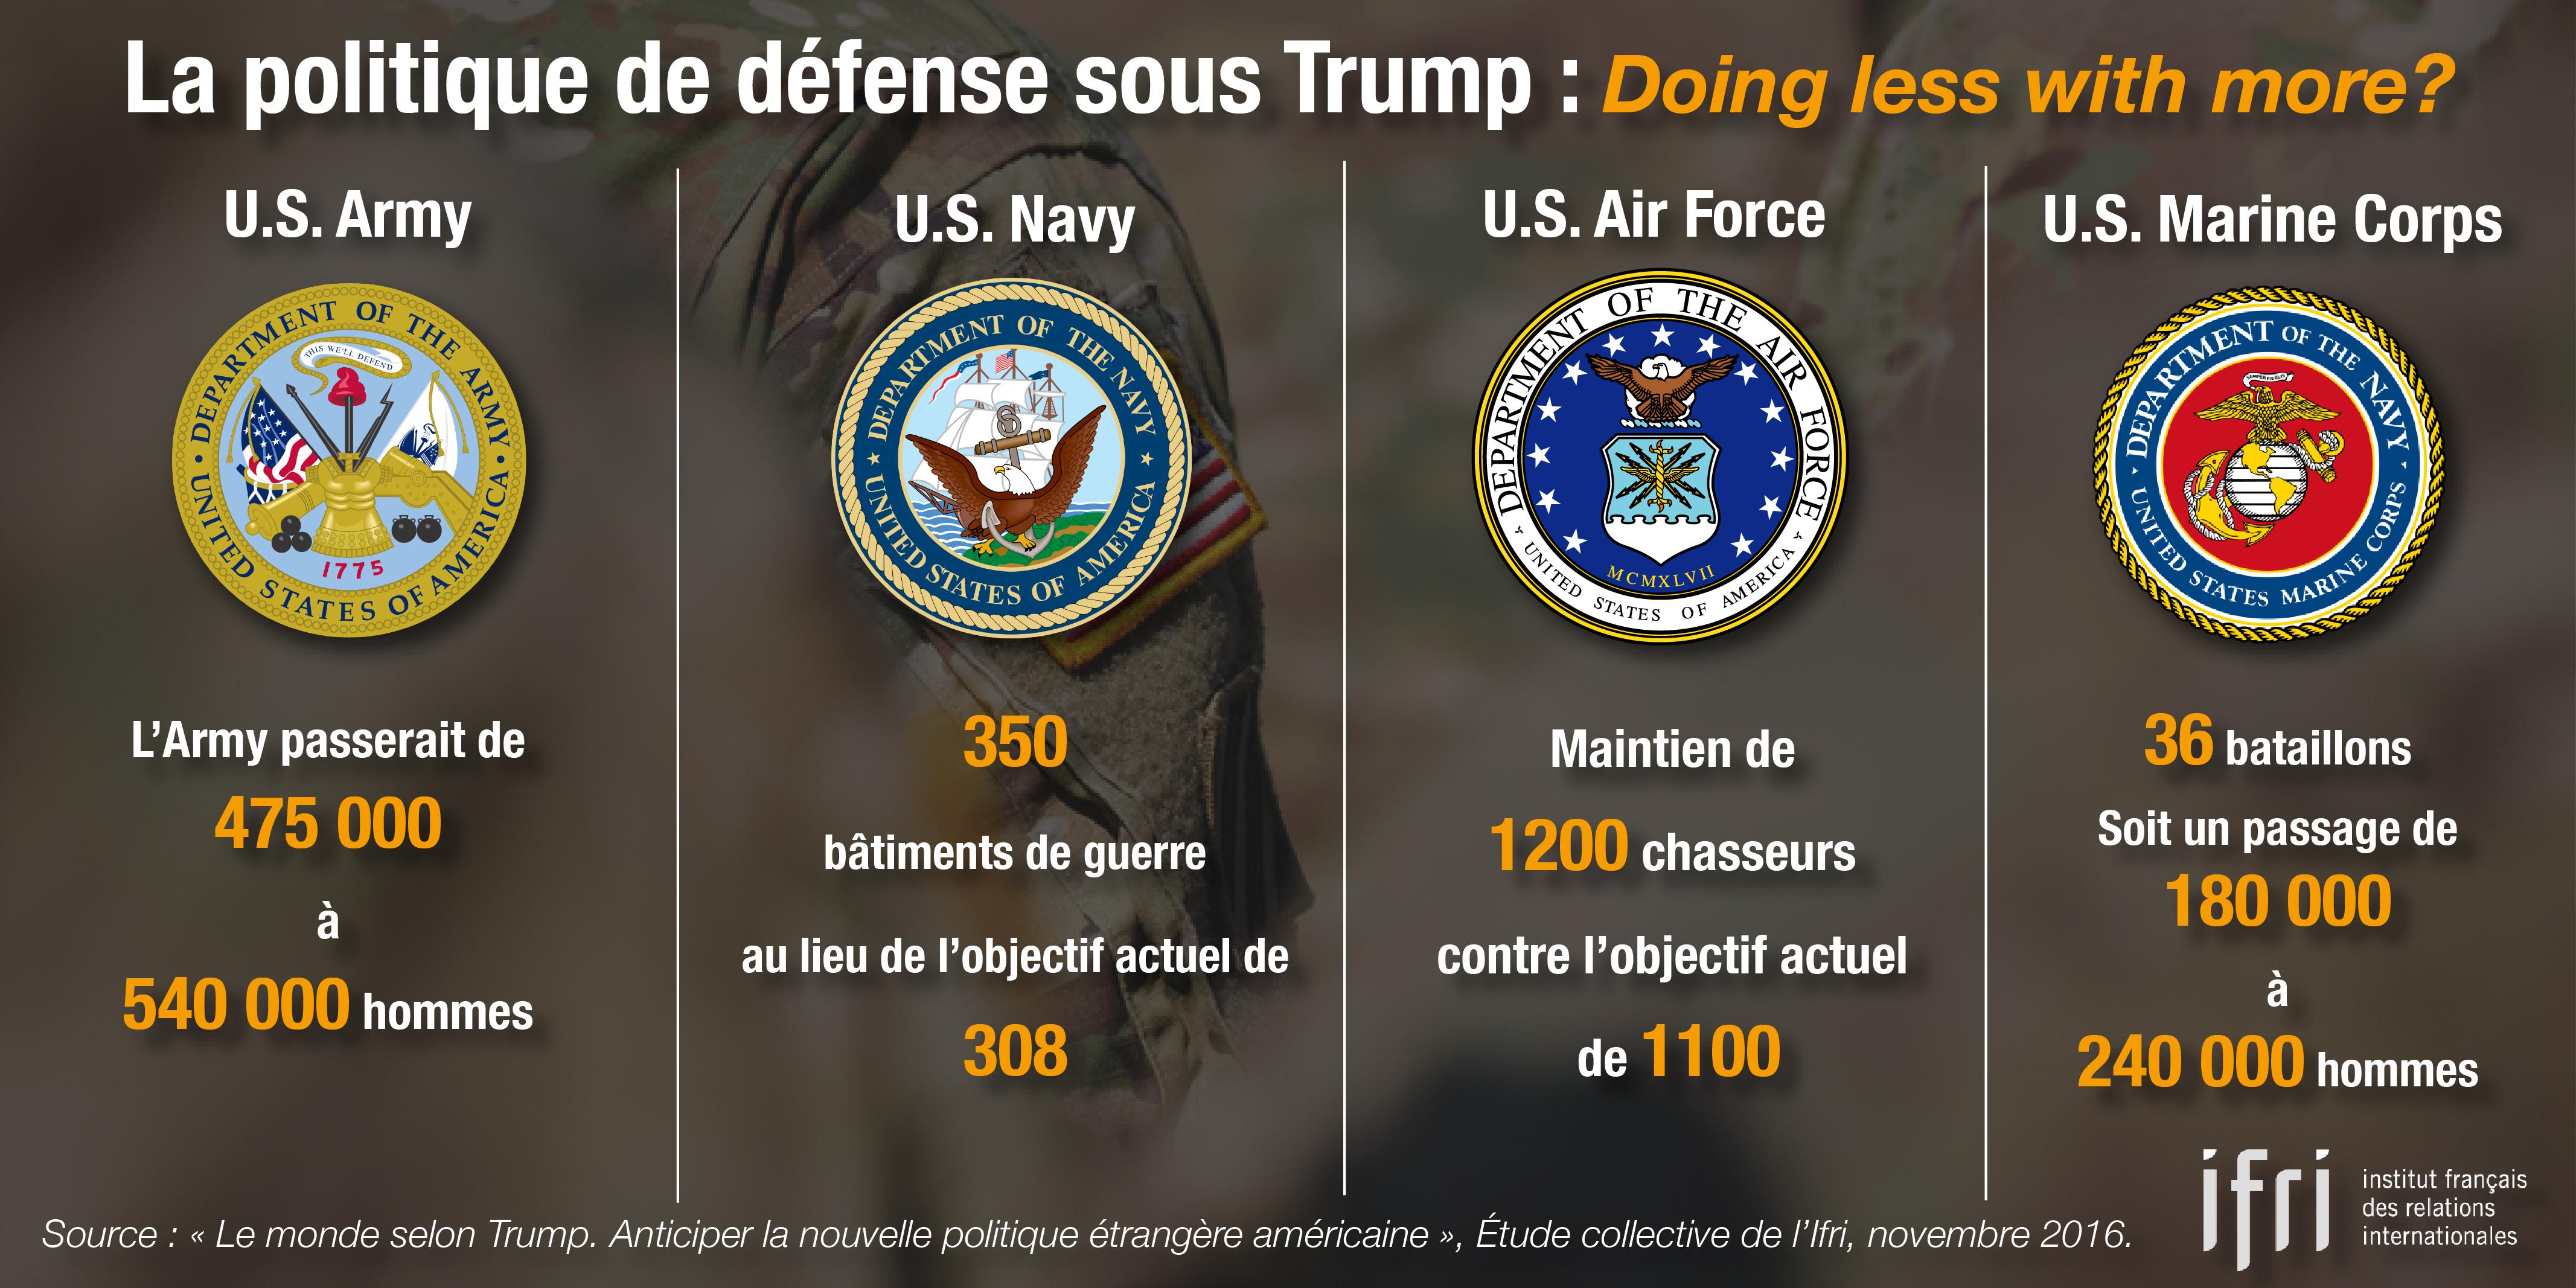 La politique de défense sous Trump